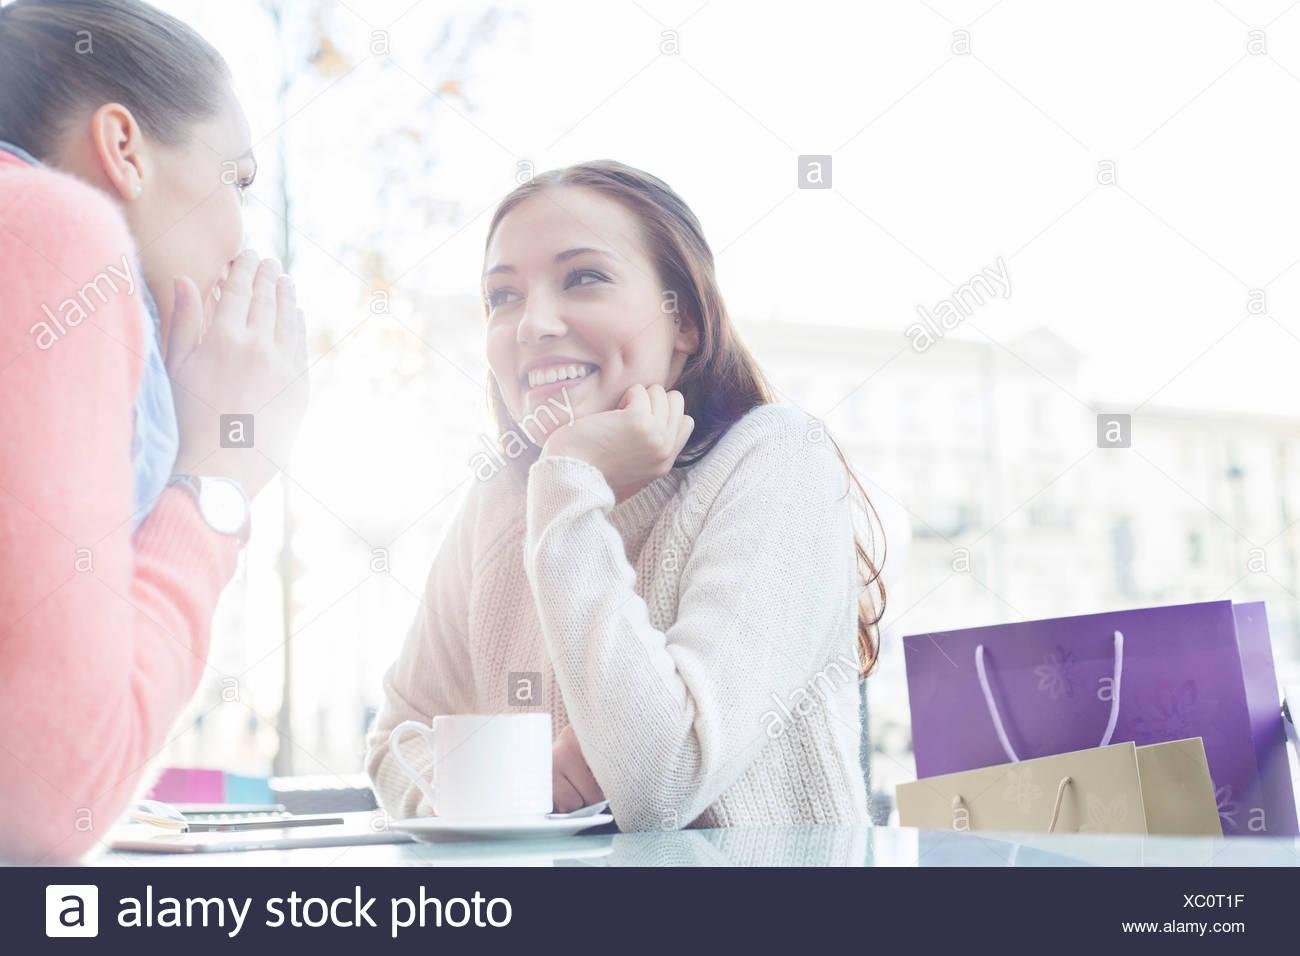 Belle jeune femme à la recherche de secrets à partager ami outdoor cafe Photo Stock